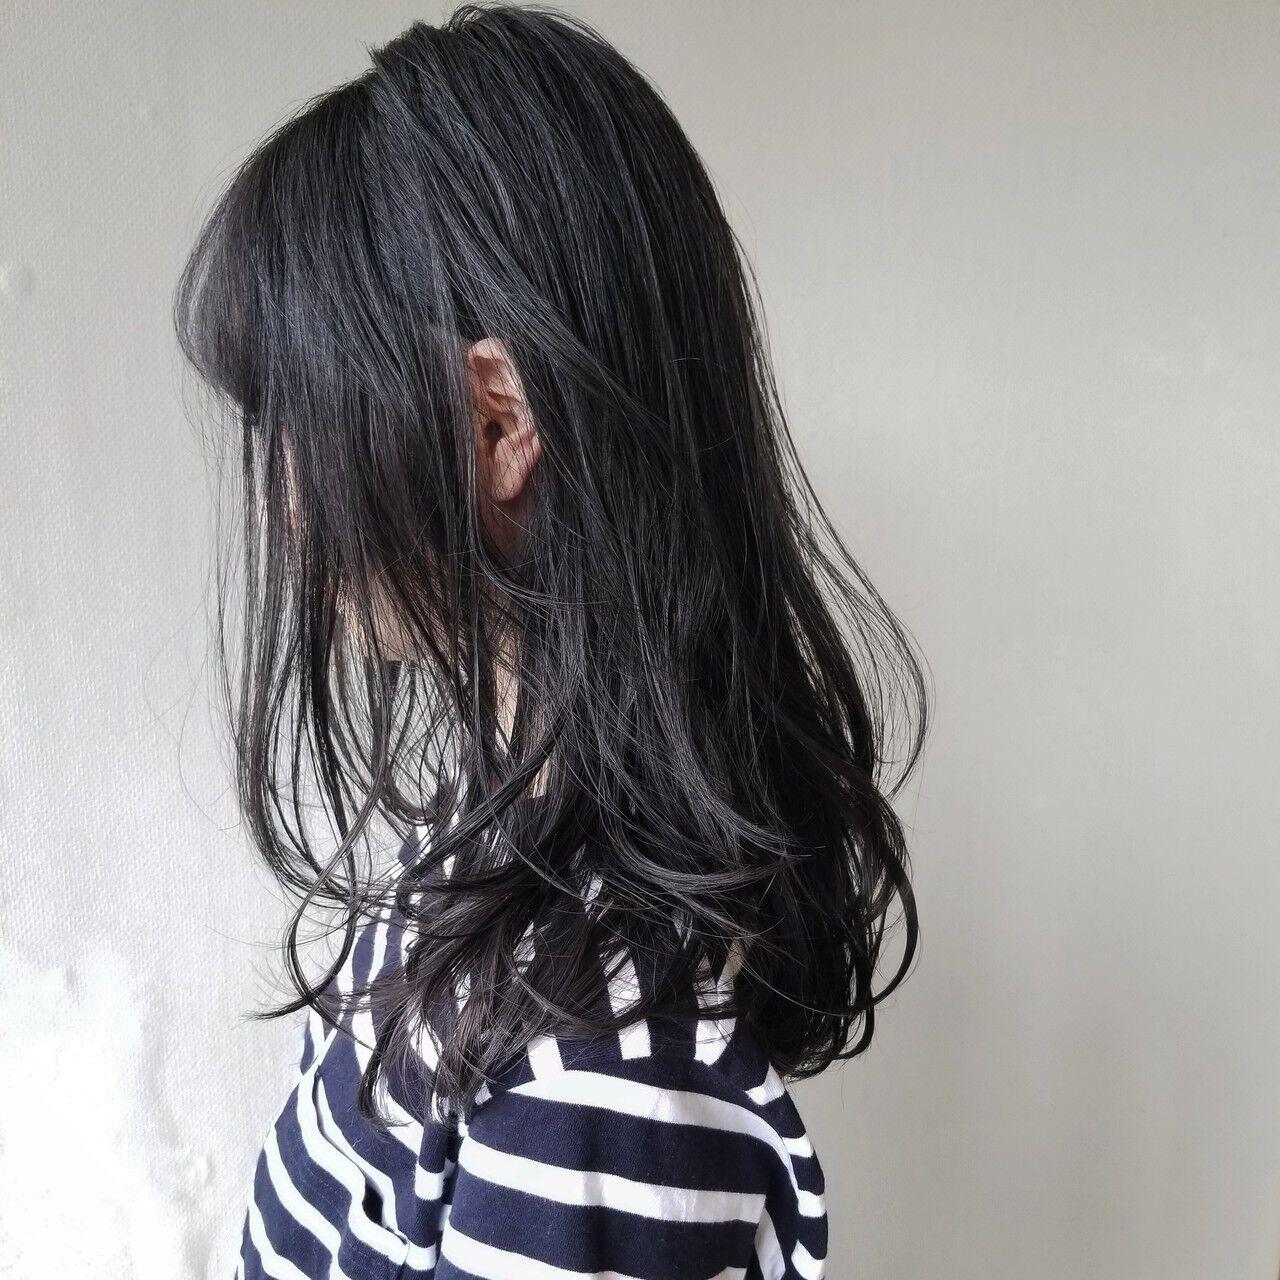 透明感 アッシュ カール アッシュブラックヘアスタイルや髪型の写真・画像